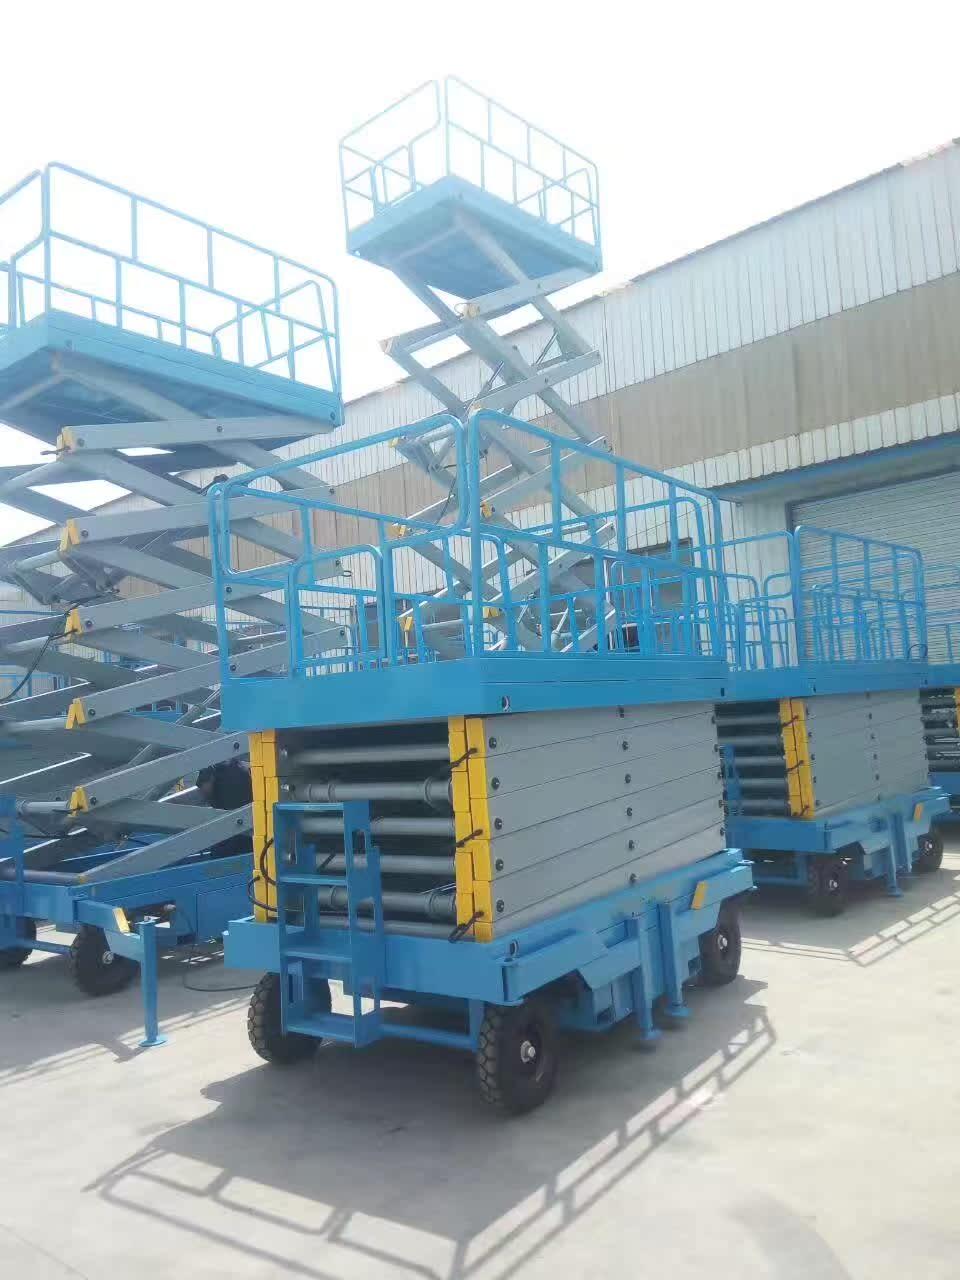 прямые продажи 8 метров 10 метров подъемник грузовой 1T (тонн) подъемные платформы мобильной гидравлические ножницы